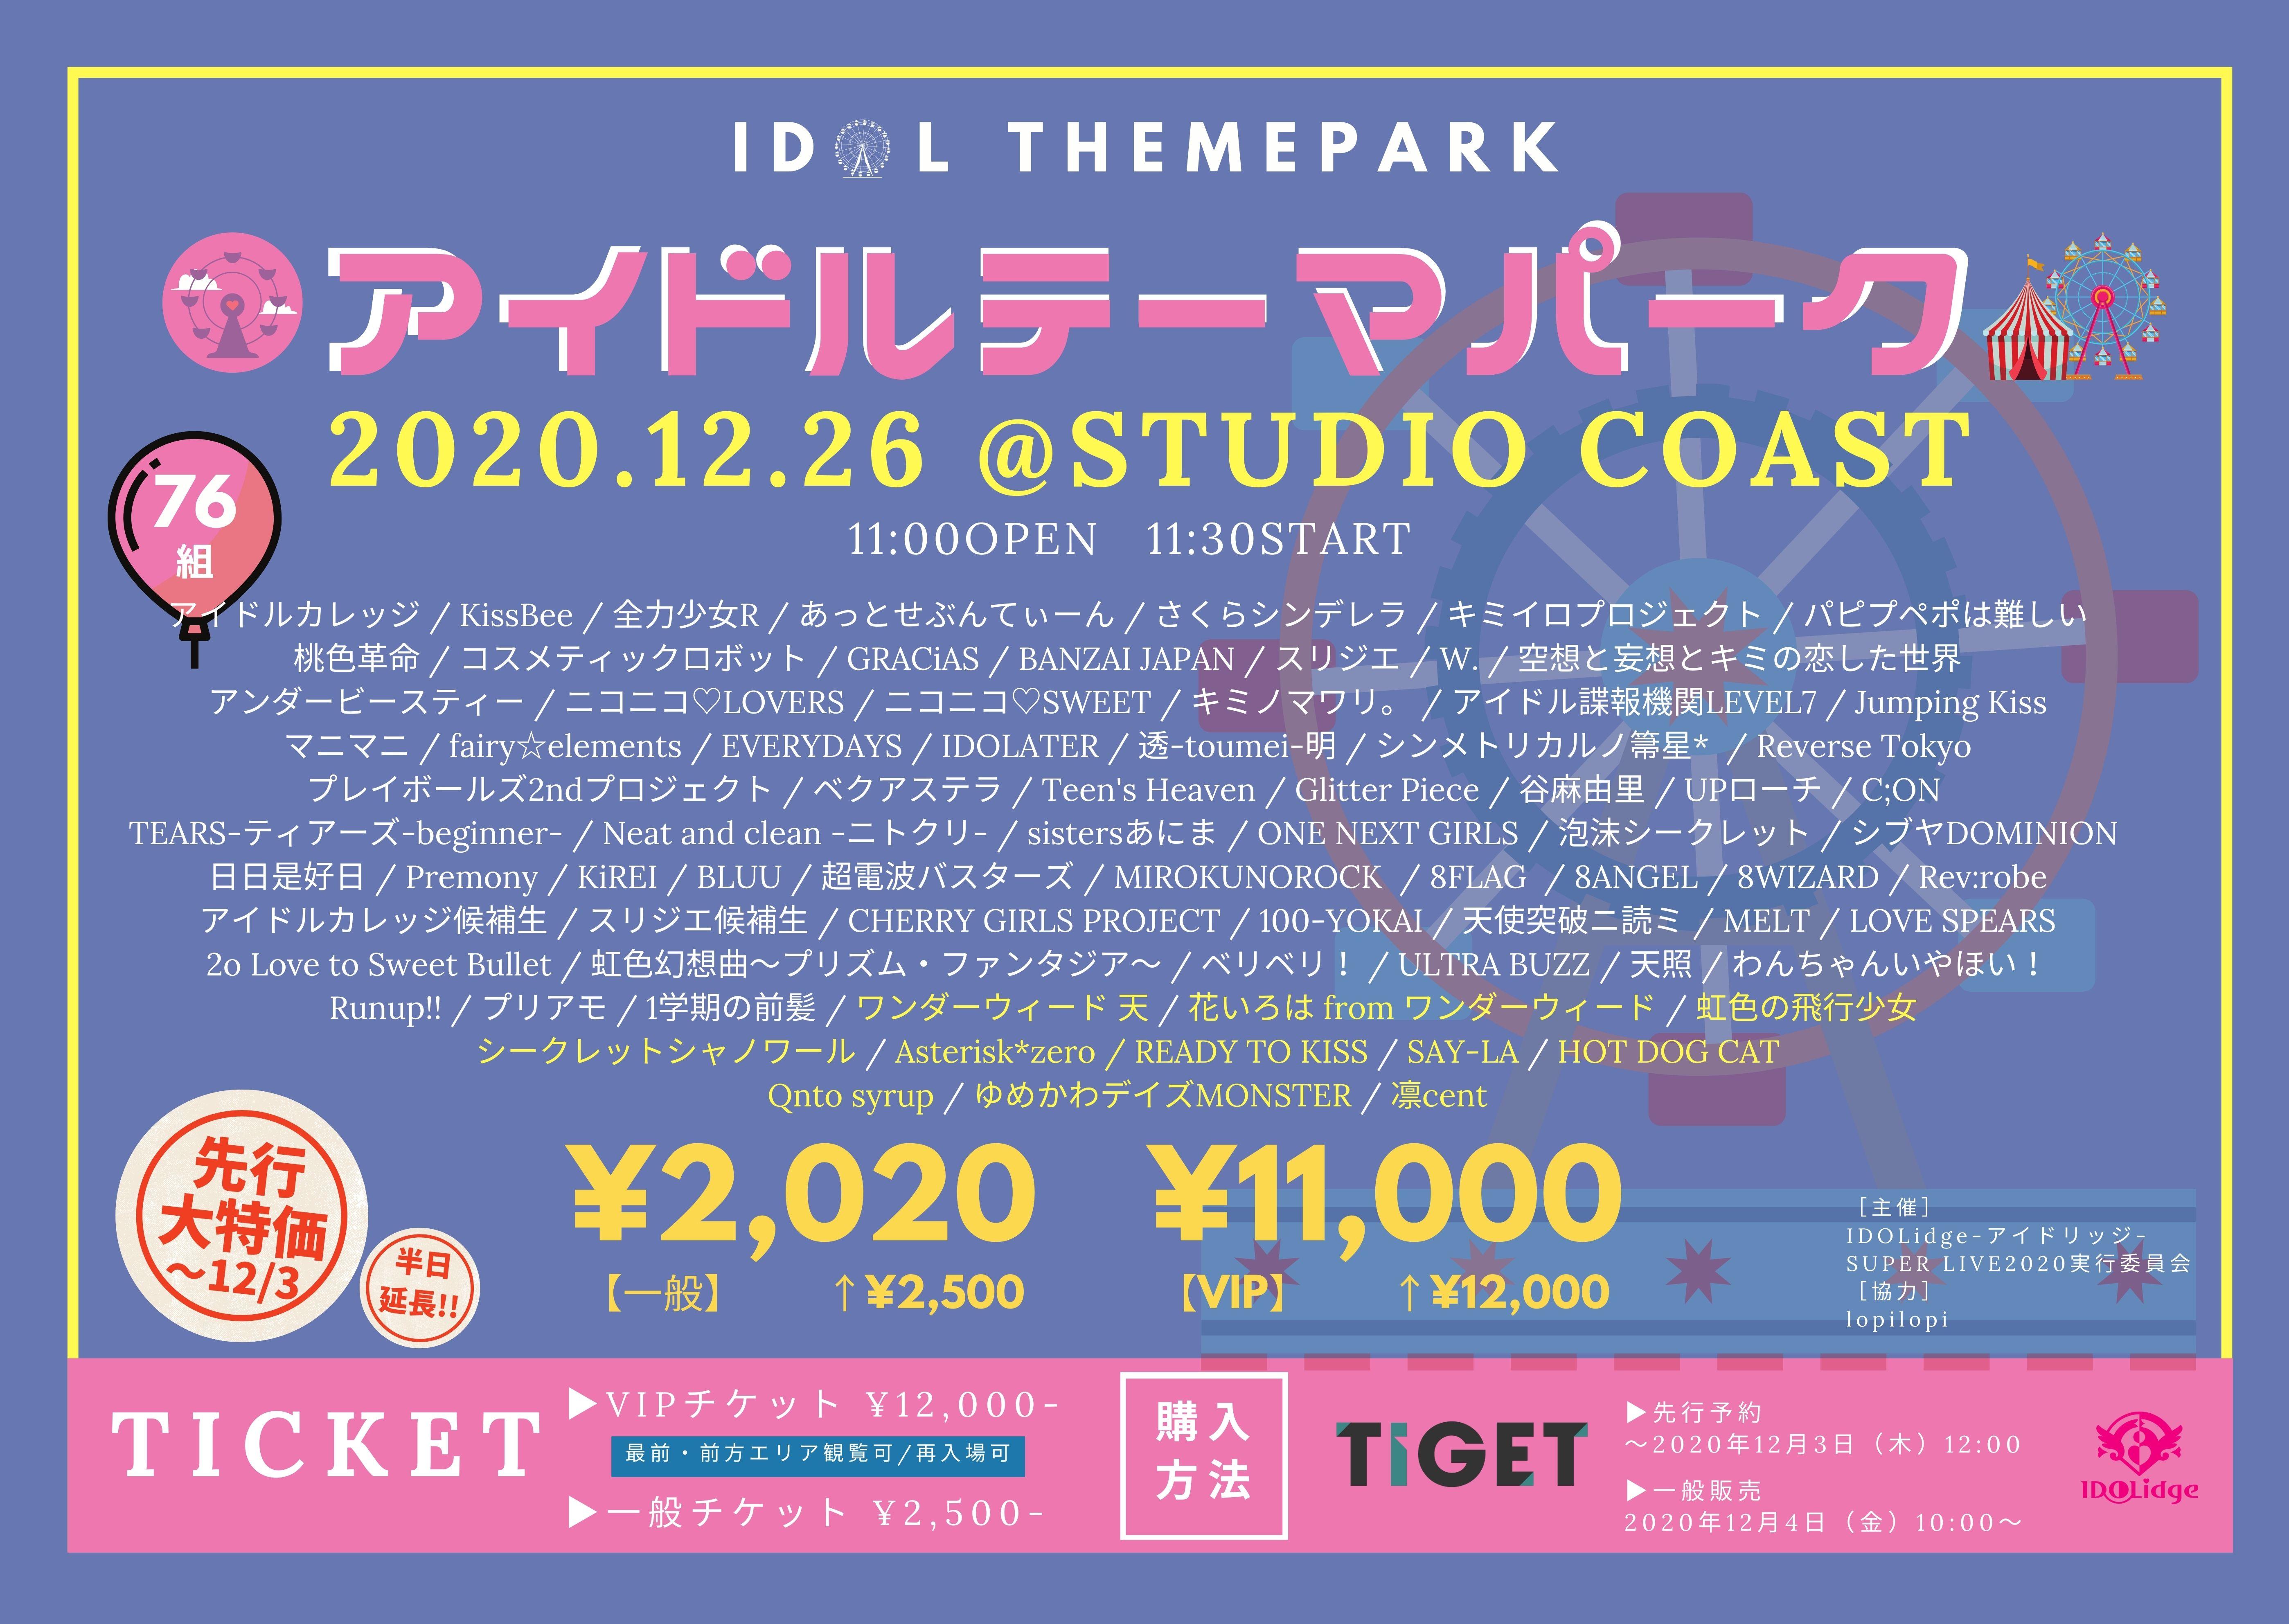 アイドルテーマパーク in 新木場STUDIO COAST